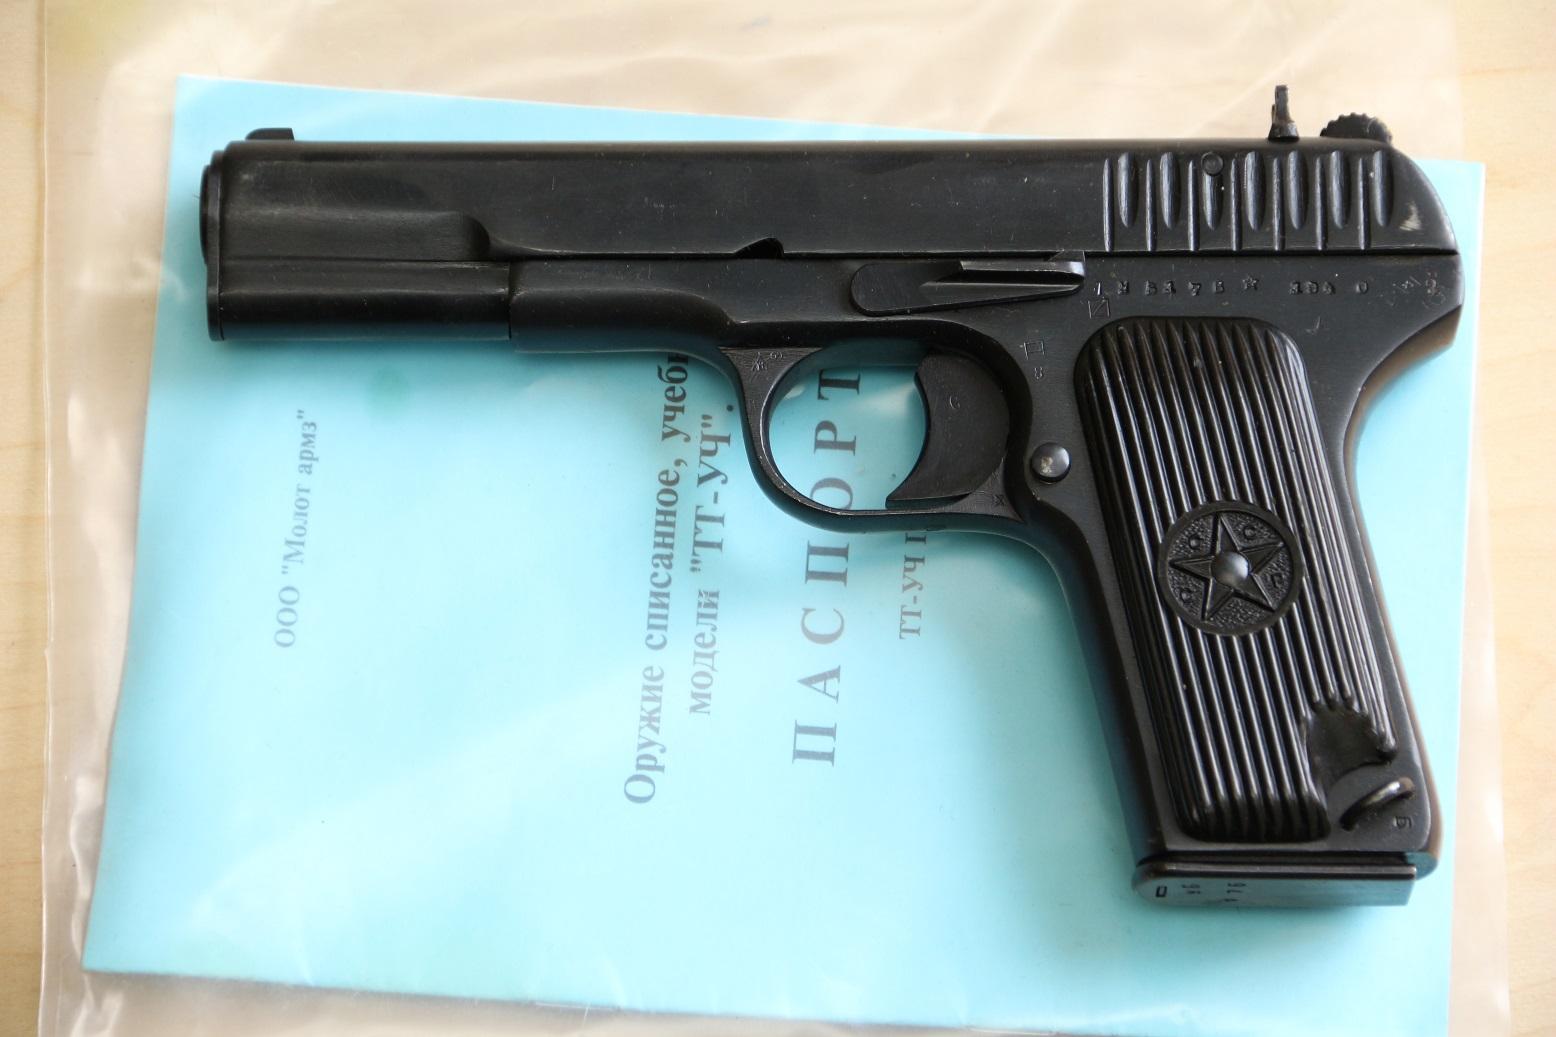 Фото Пистолет ТТ-УЧ Молот Армз, 1940 год, №УБ276